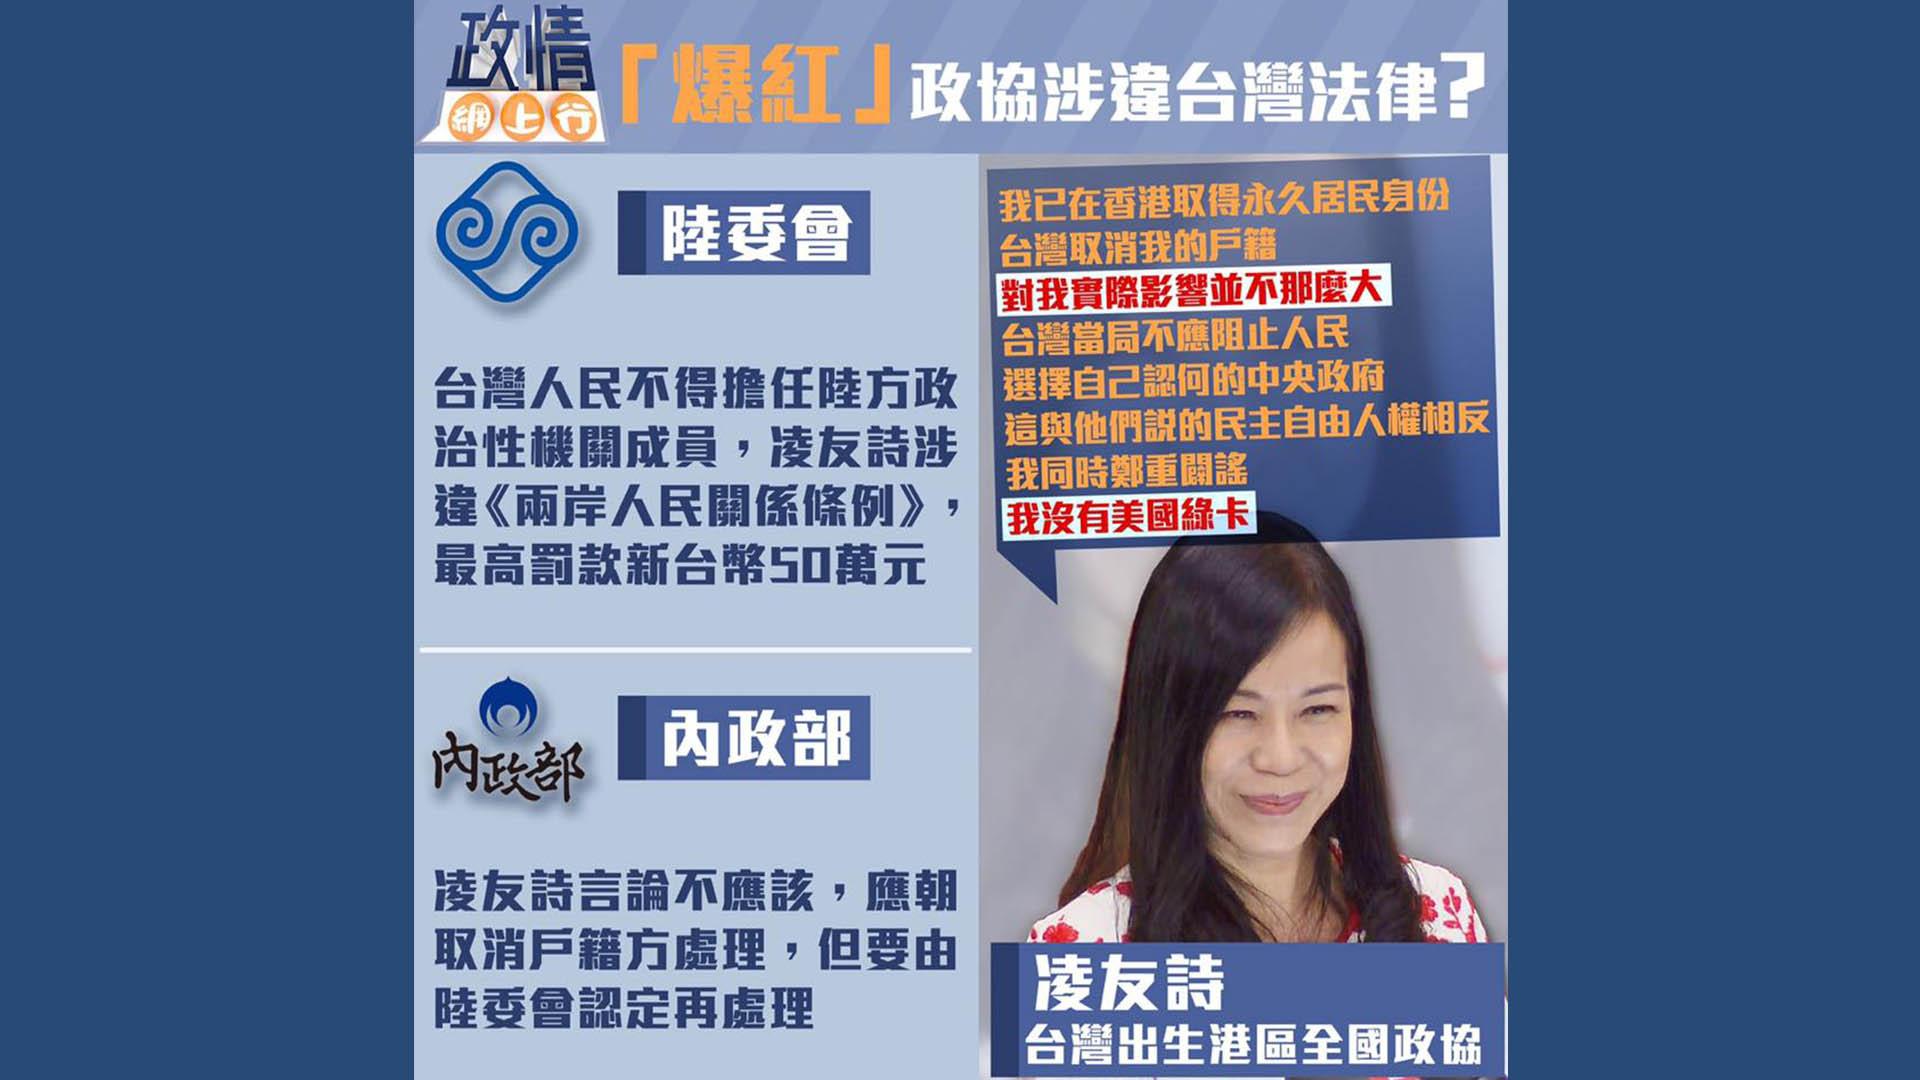 【政情網上行】「爆紅」政協涉違台灣法律?